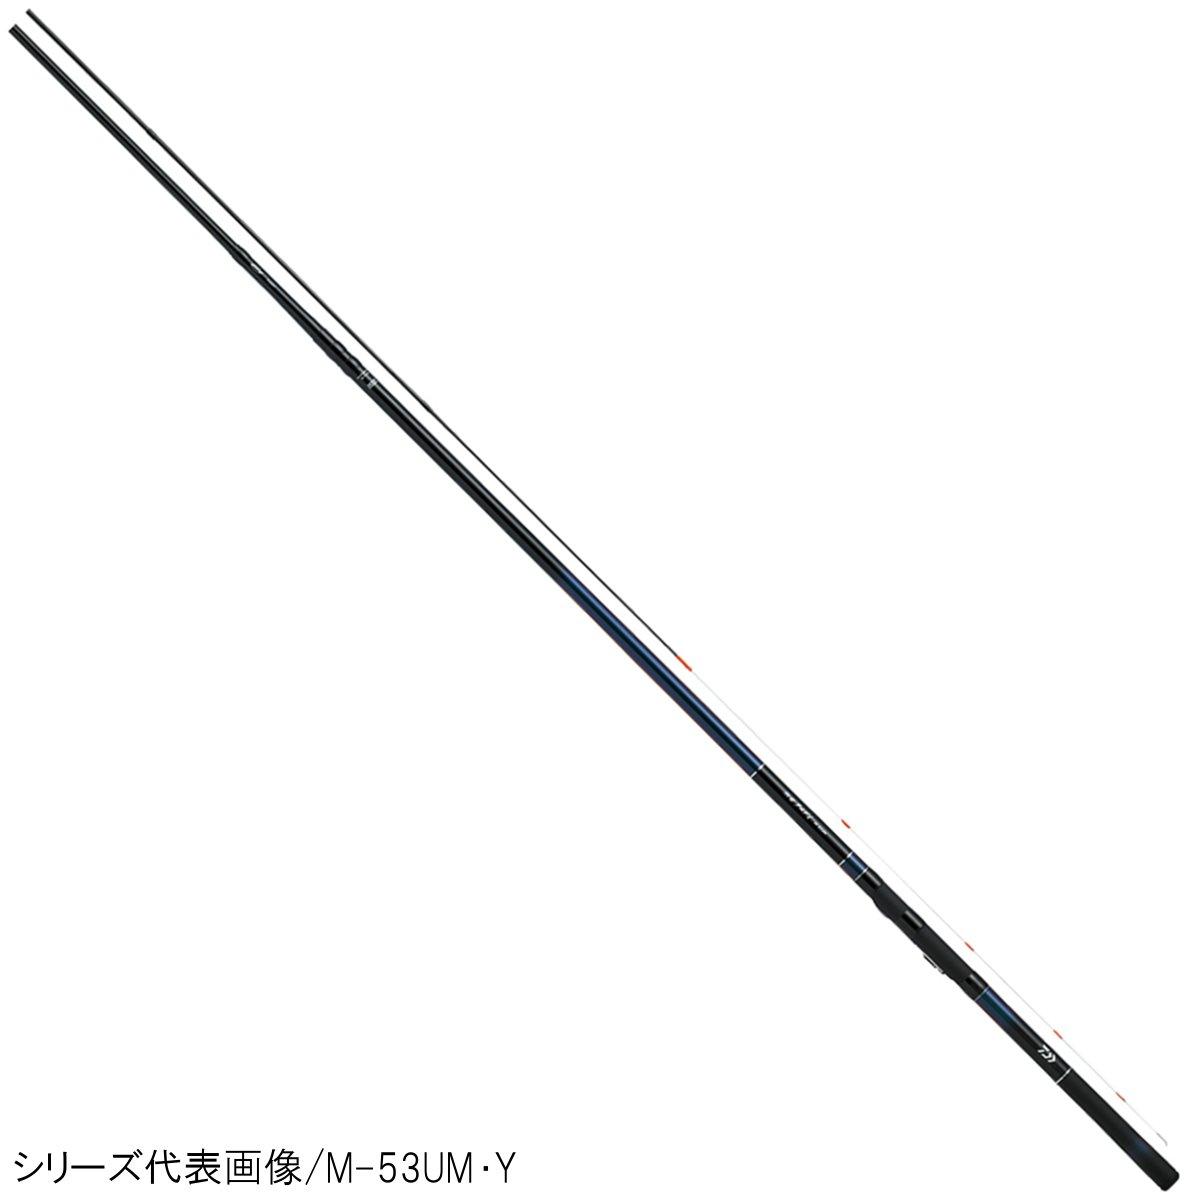 ダイワ 飛竜 クロダイ M-63UM・Y